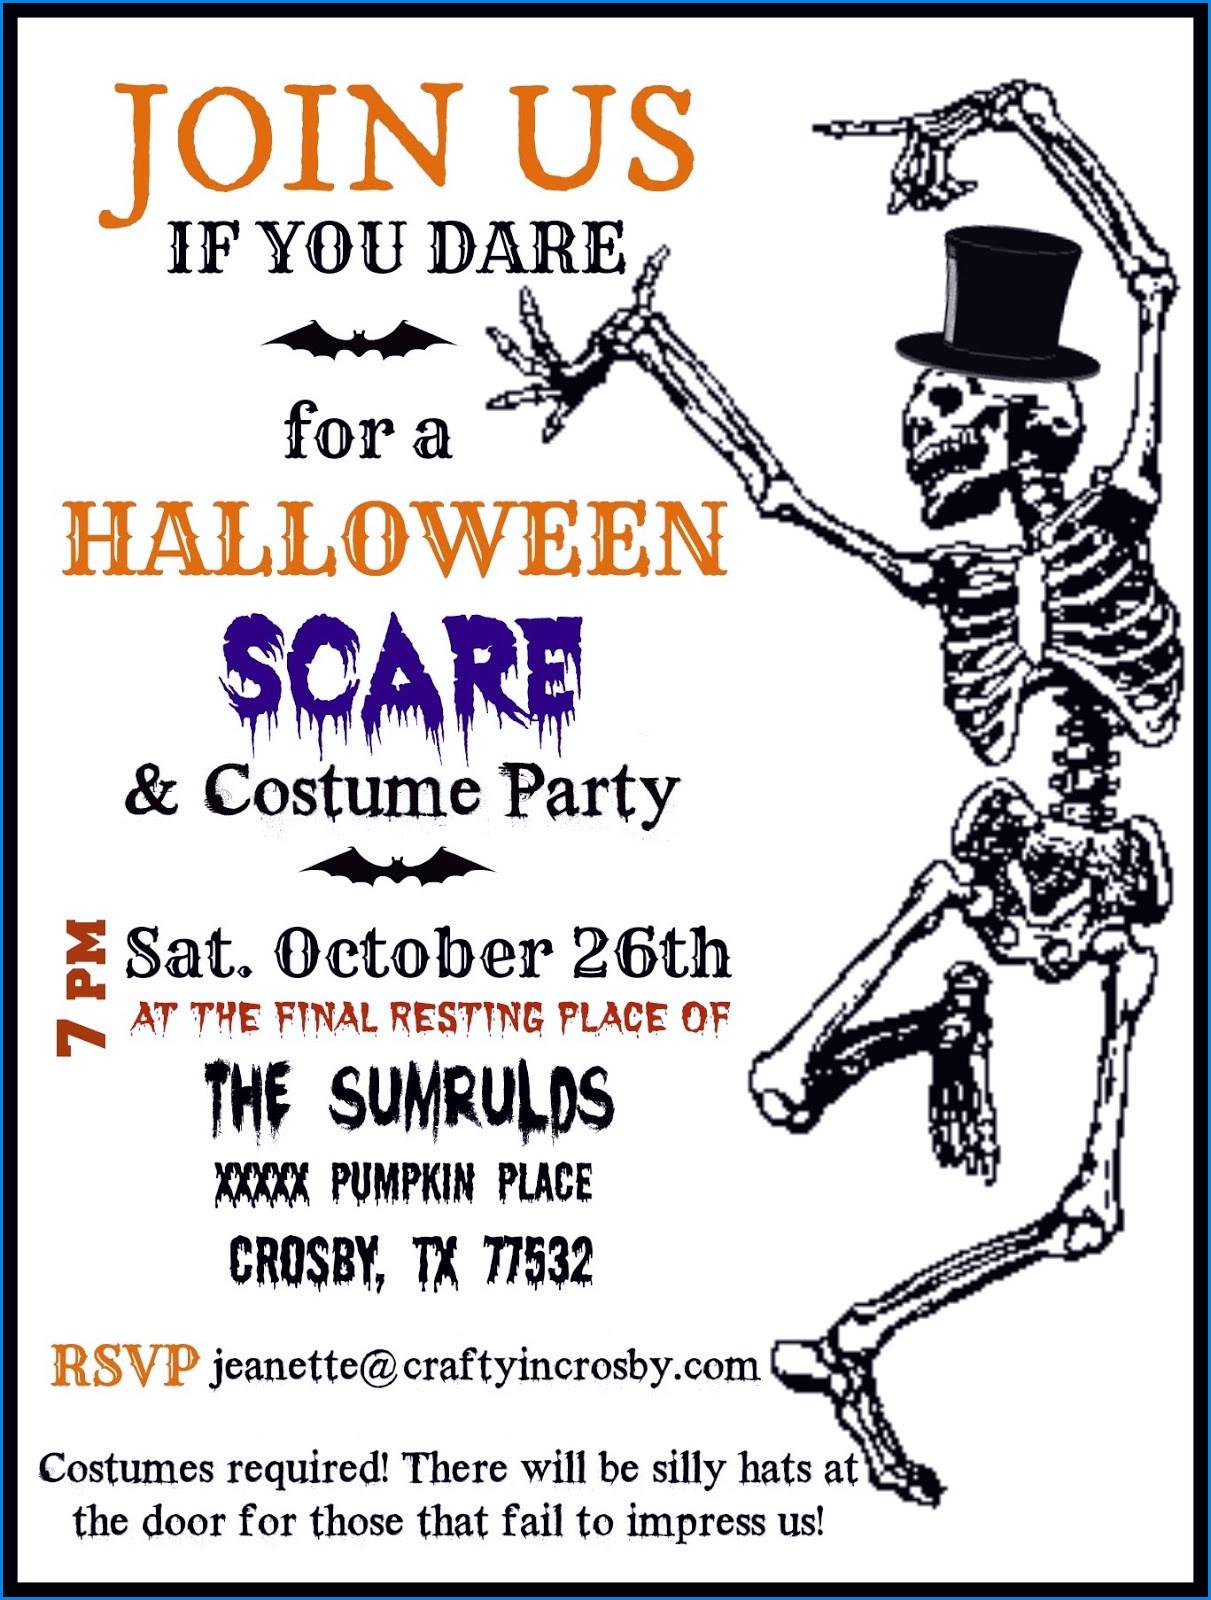 Elegant Free Printable Halloween Invitations For Adults – Sarokapro - Free Printable Halloween Invitations For Adults